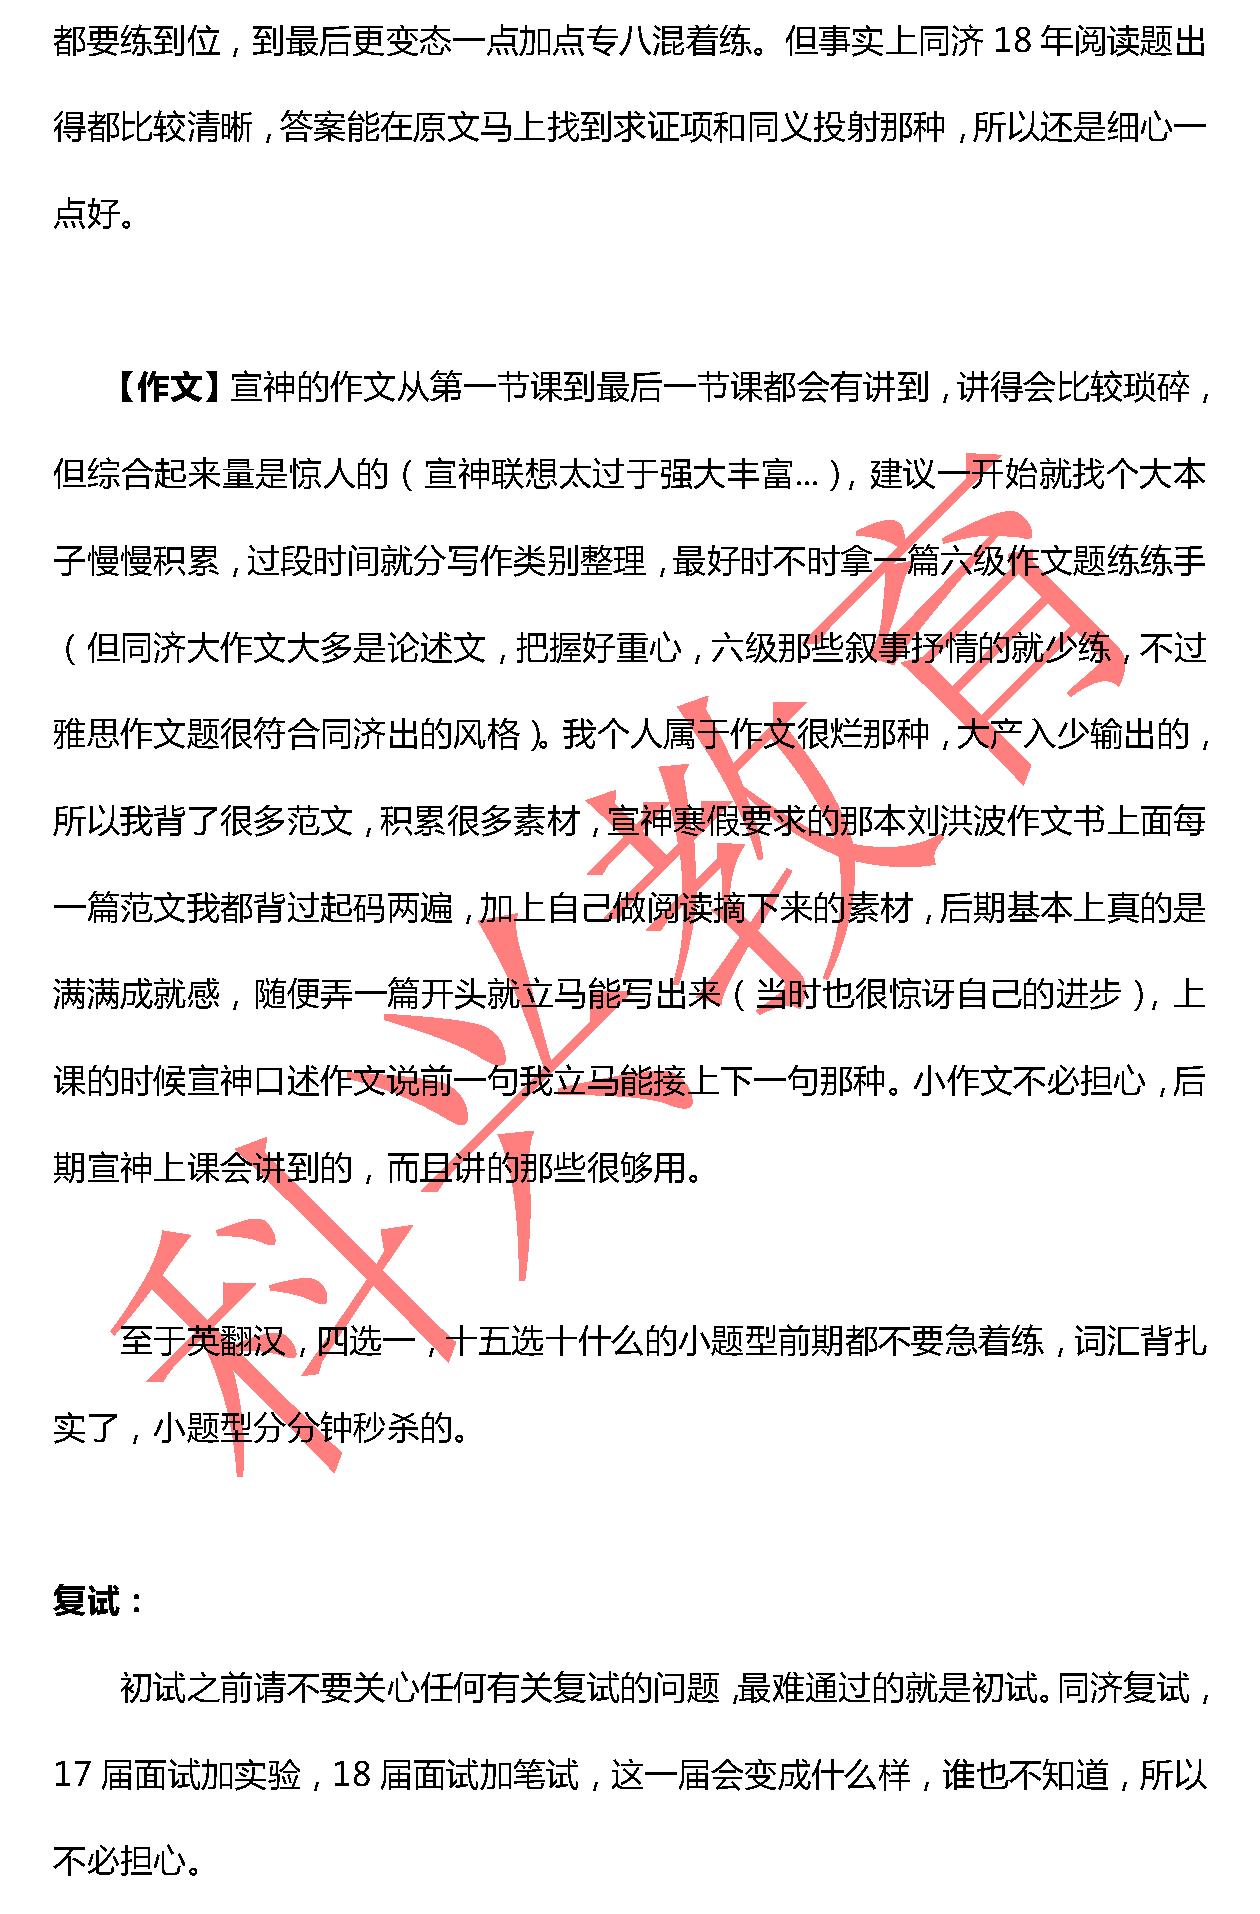 同济郑悦玲:胆大心细 方成大器(18届)